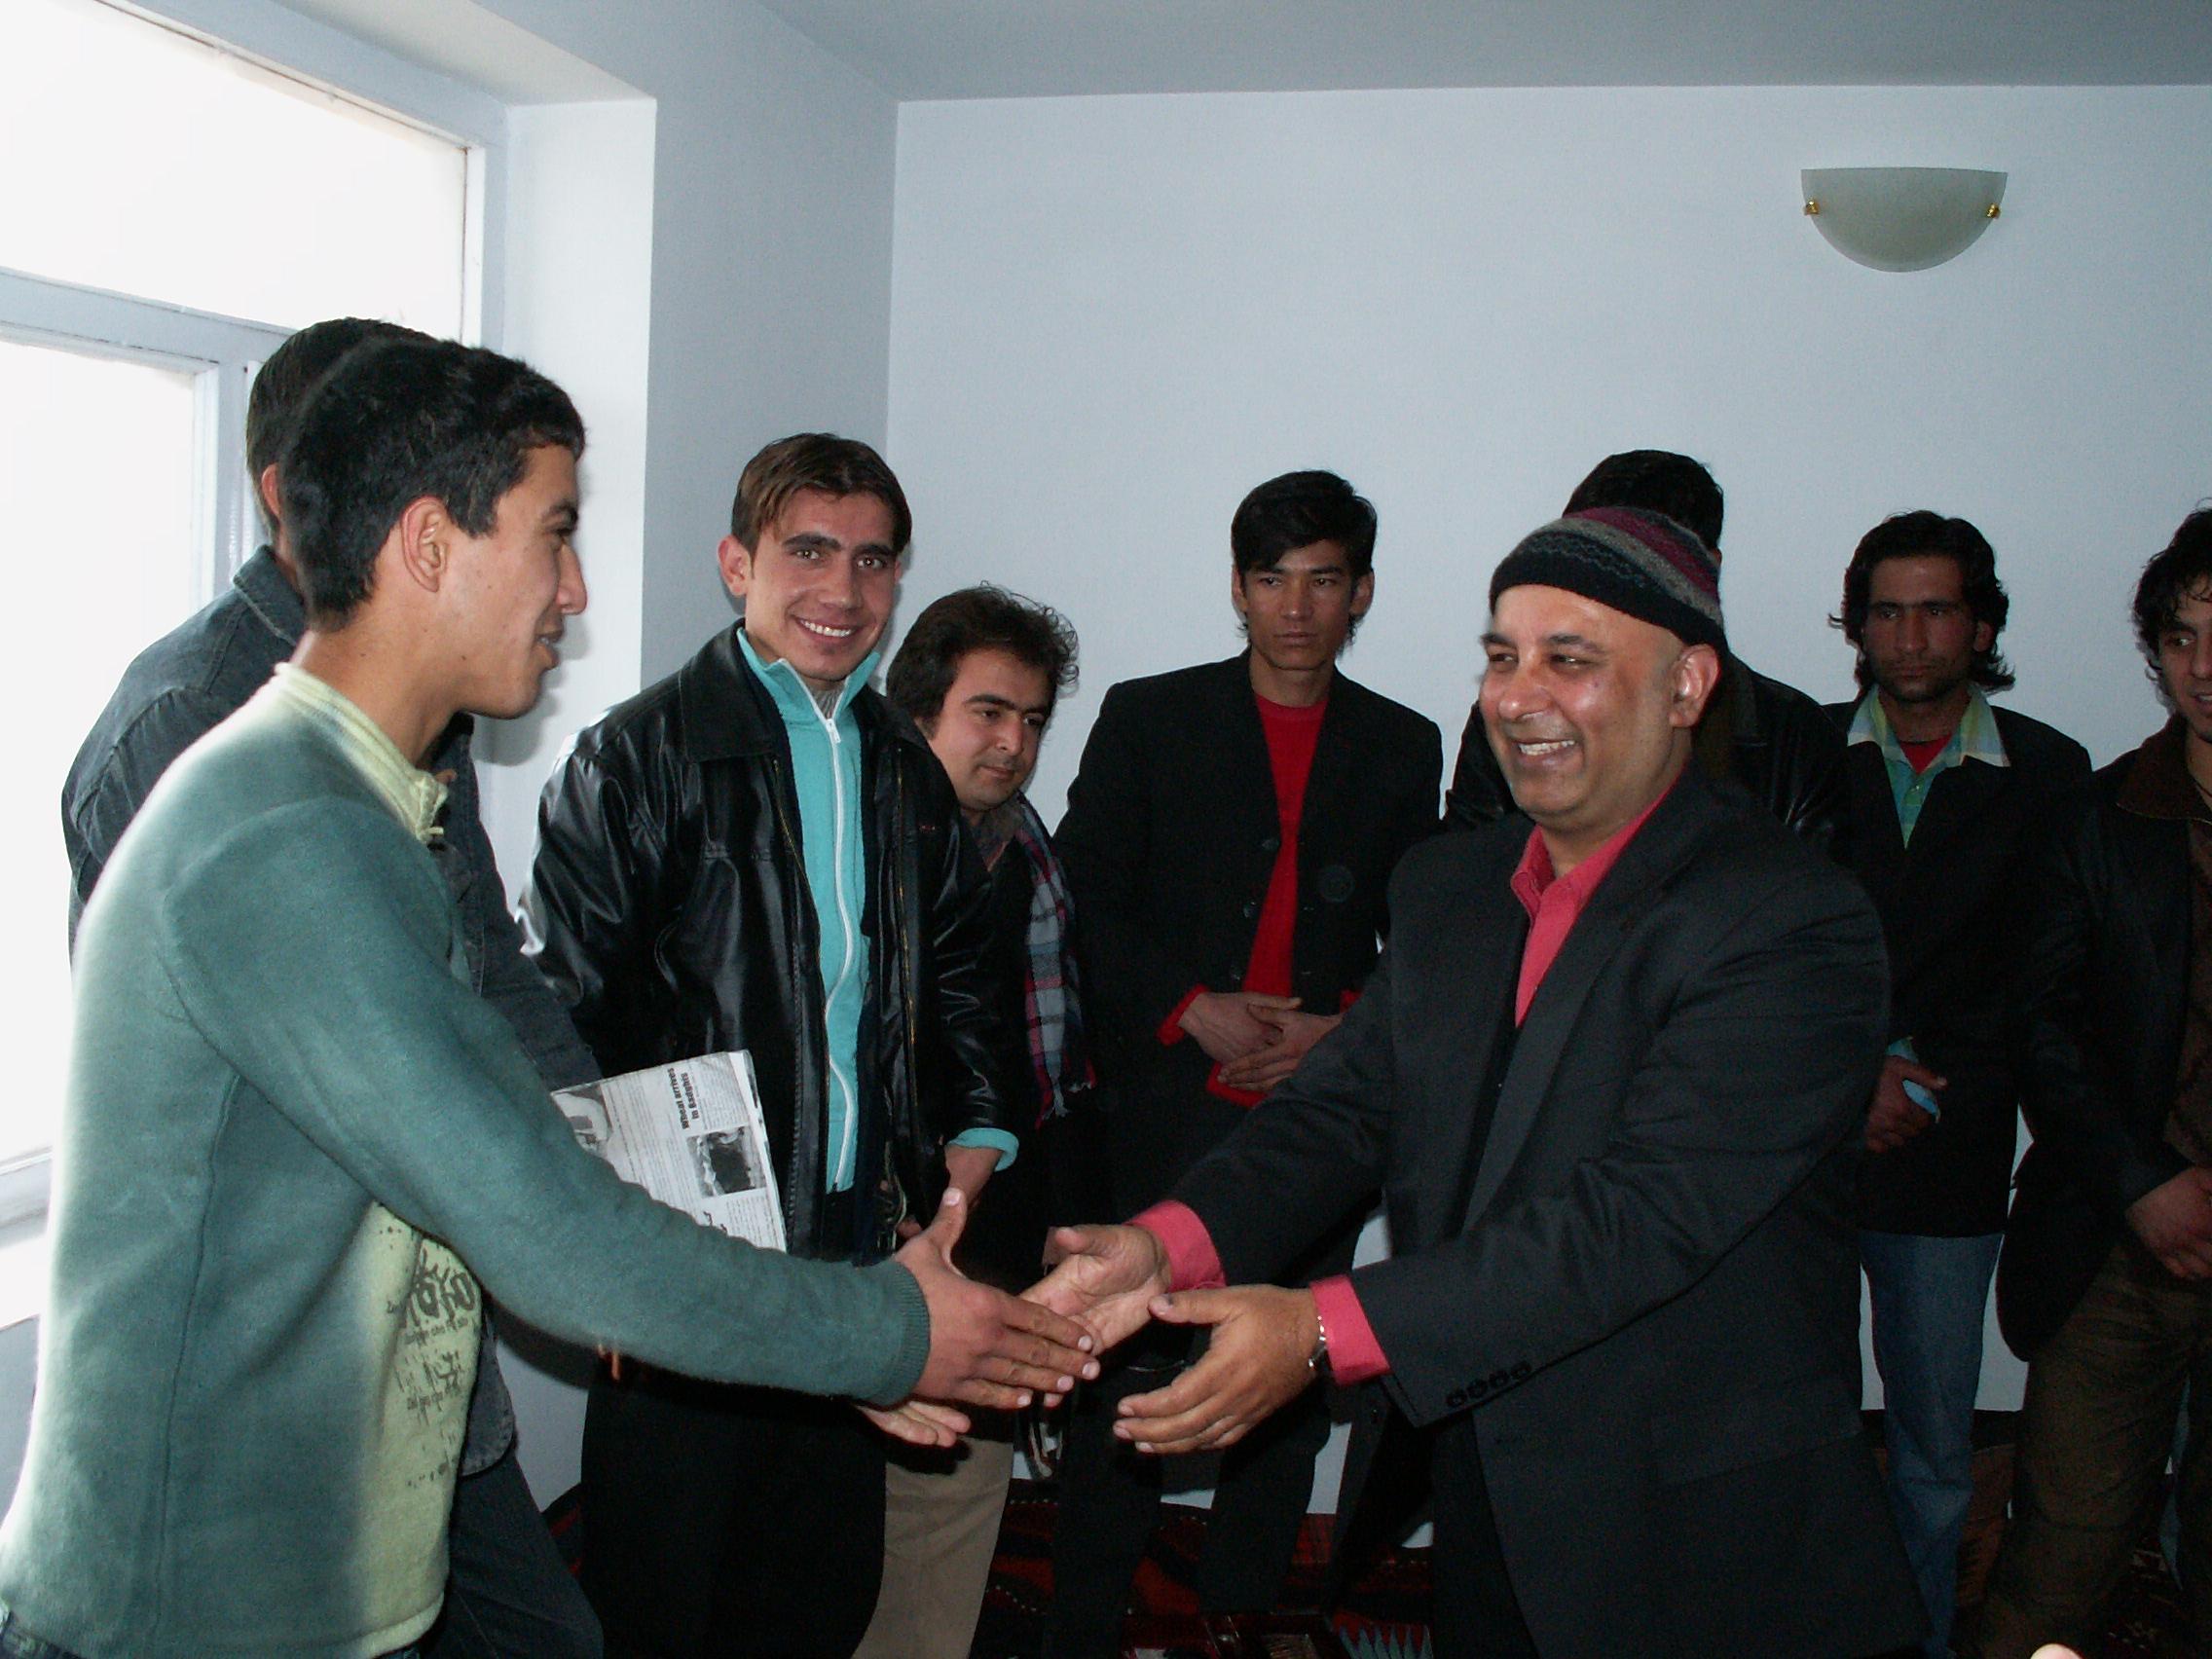 with-students-at-aga-khan-foundation_4207784261_o.jpg